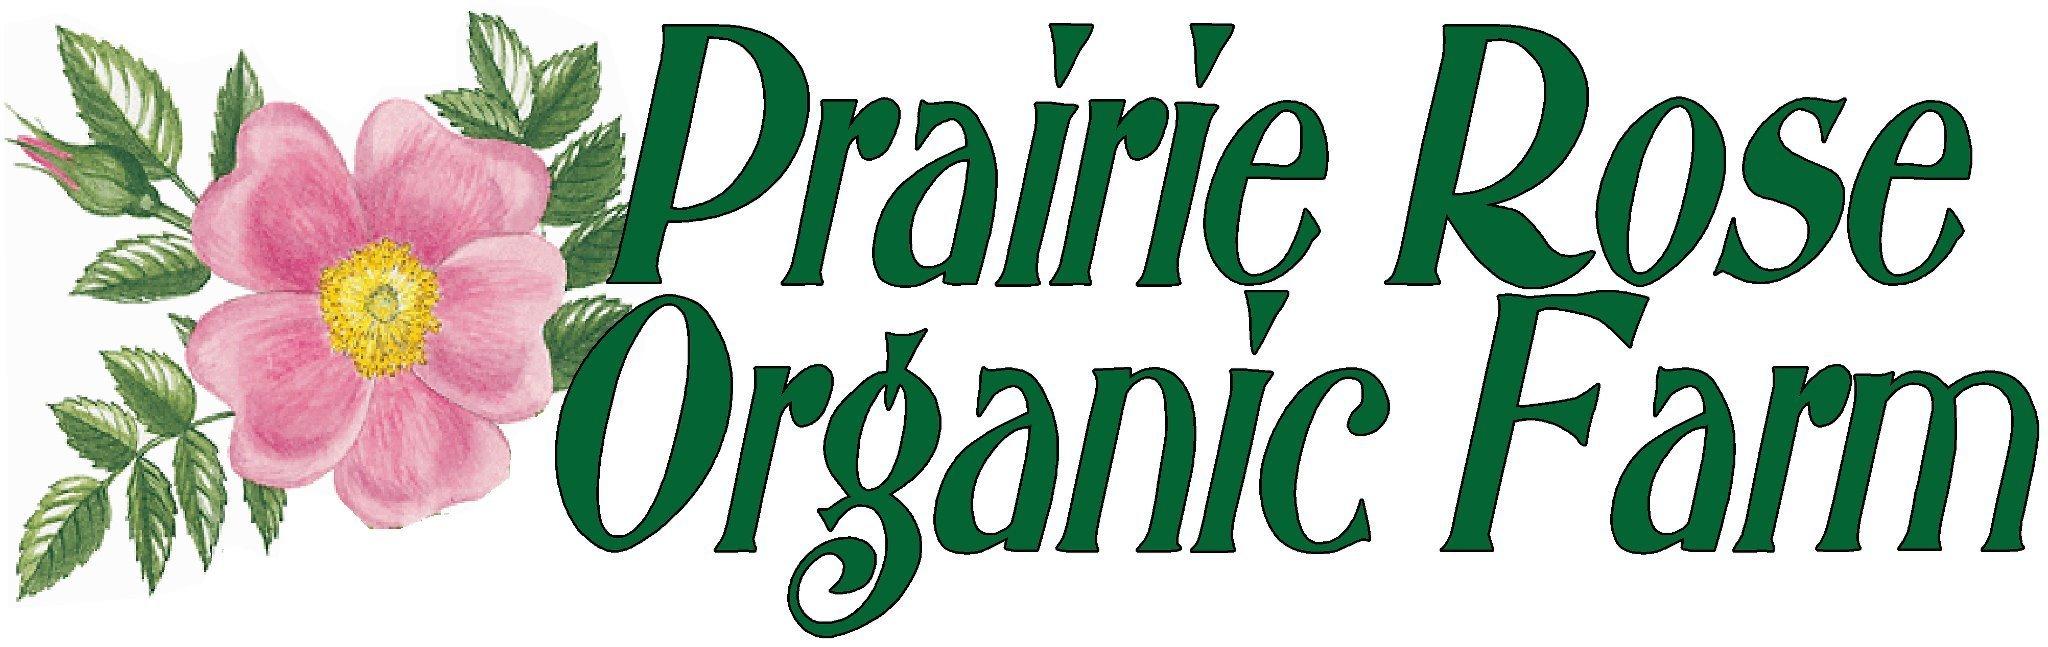 Prairie Rose Organic Farms 5lb Flax proflax5